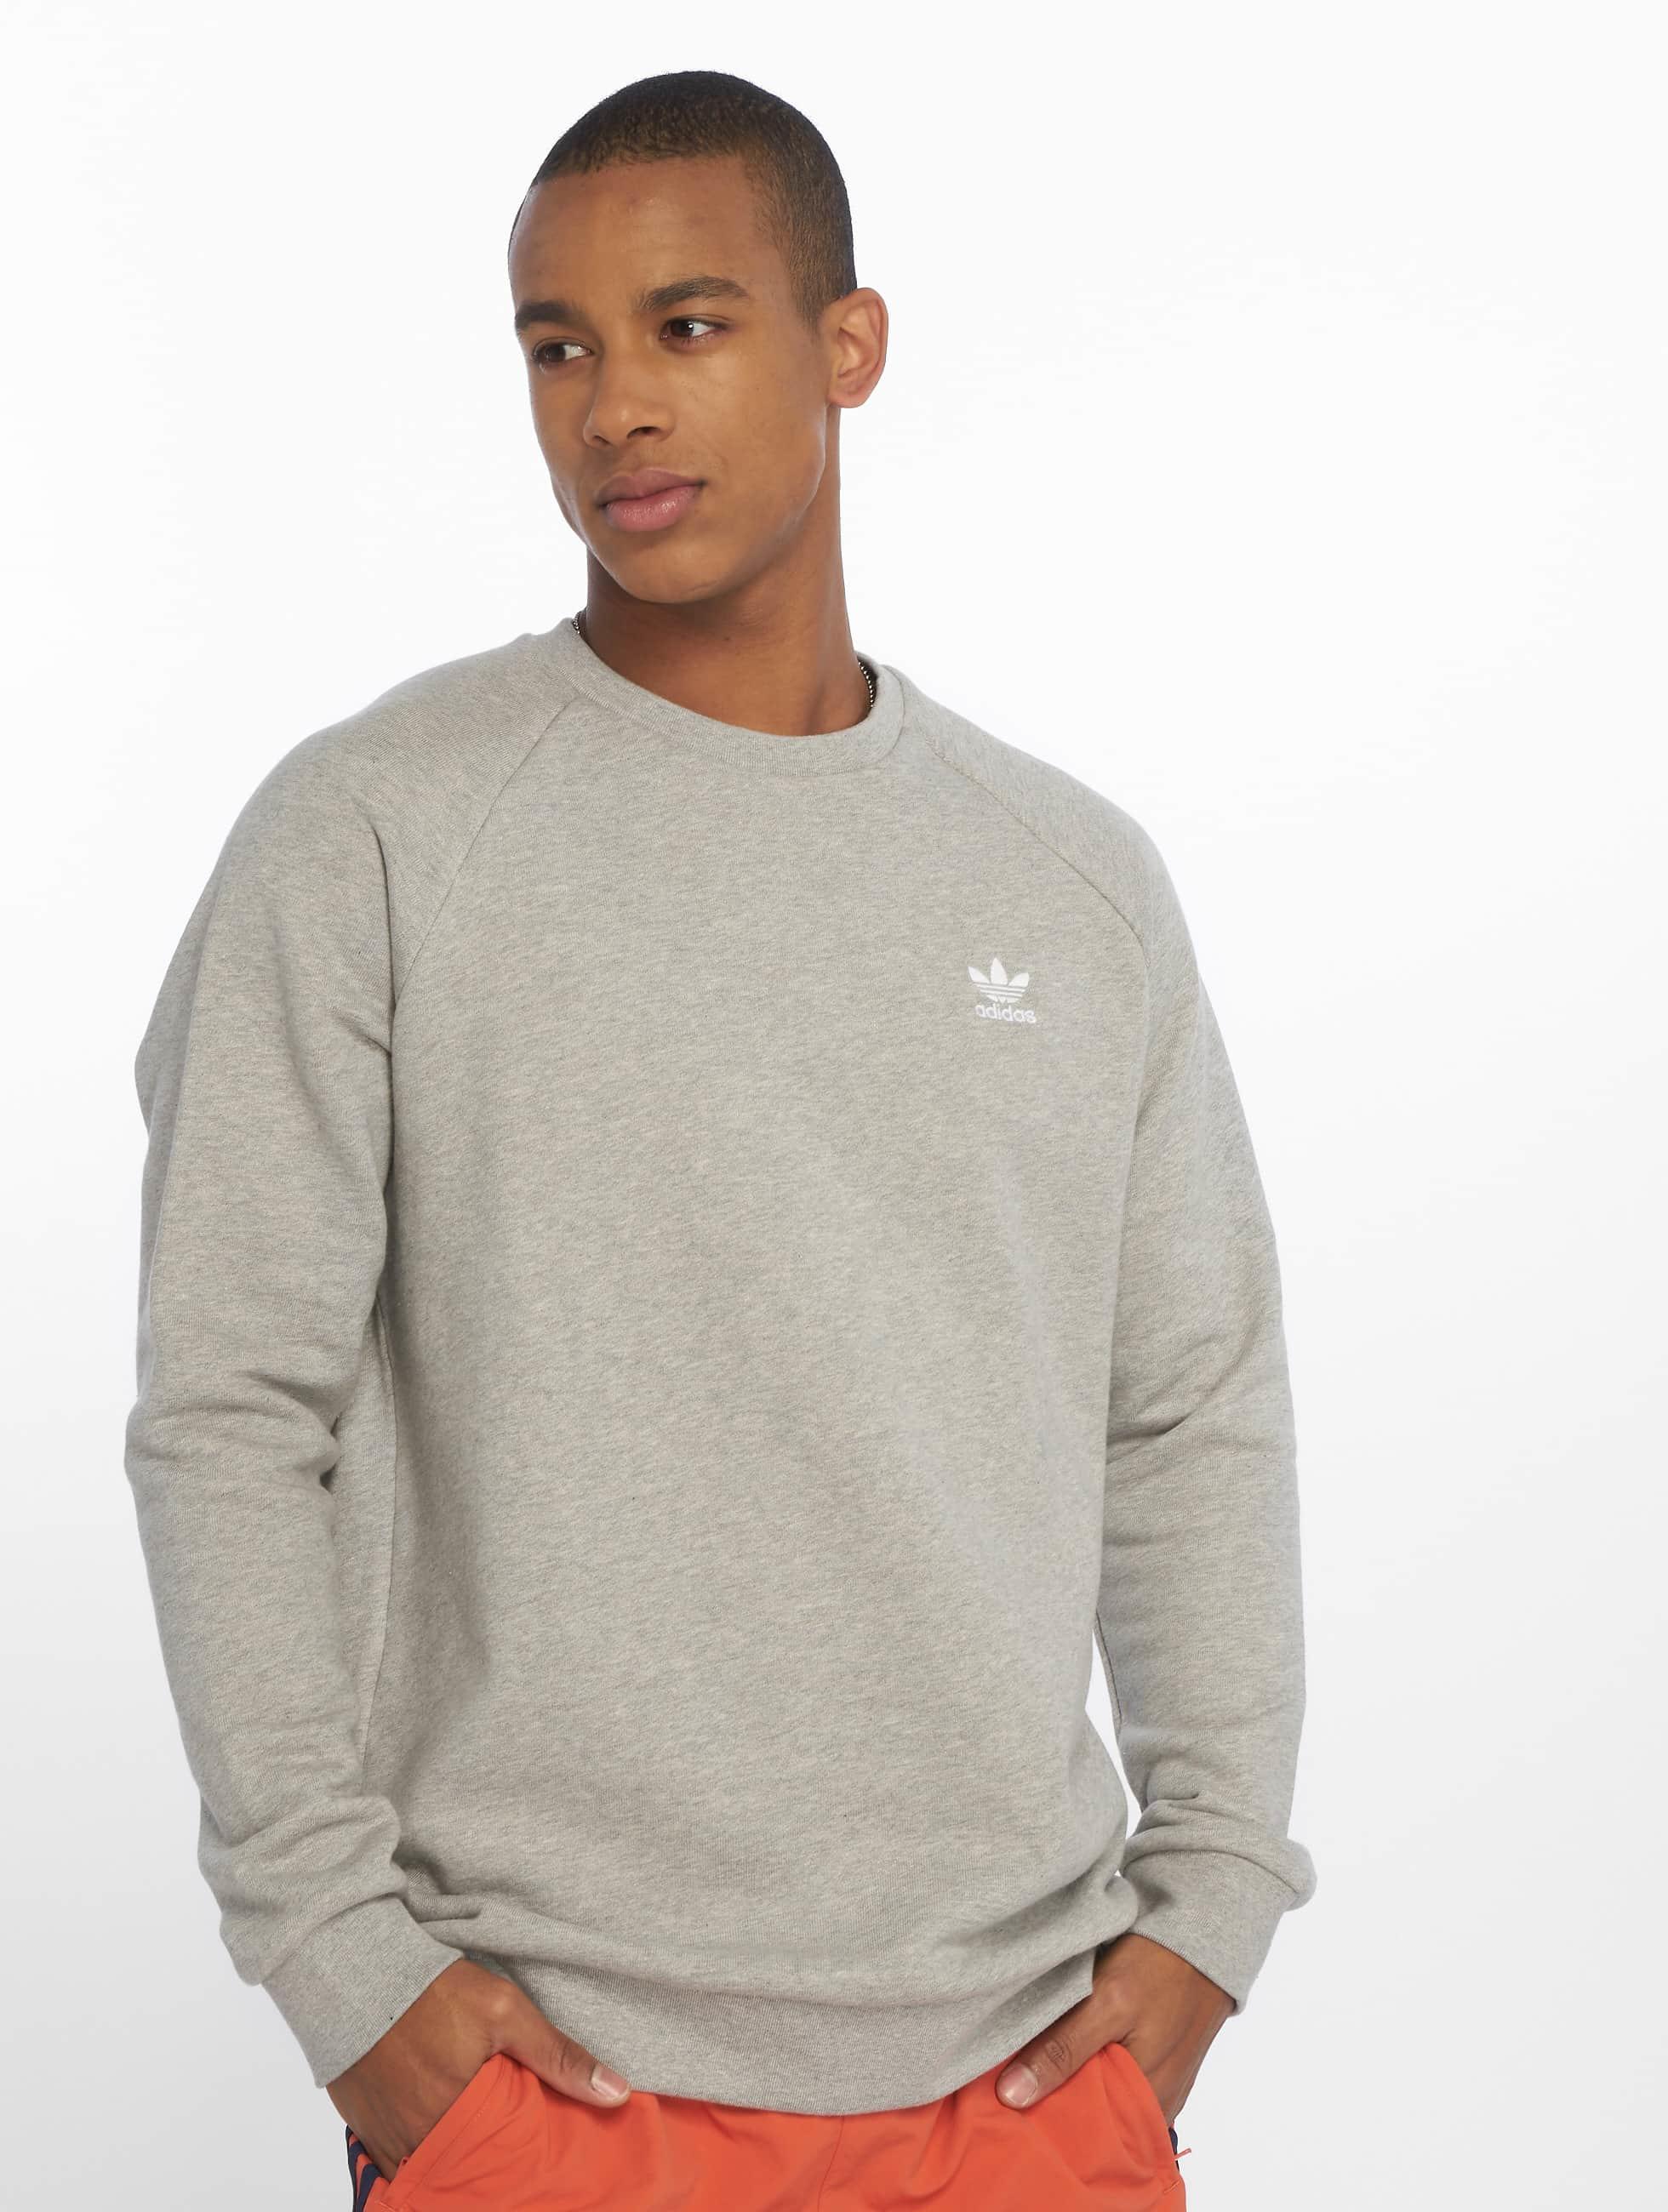 adidas klänning dam, Adidas originals i eqt crew tröjor och